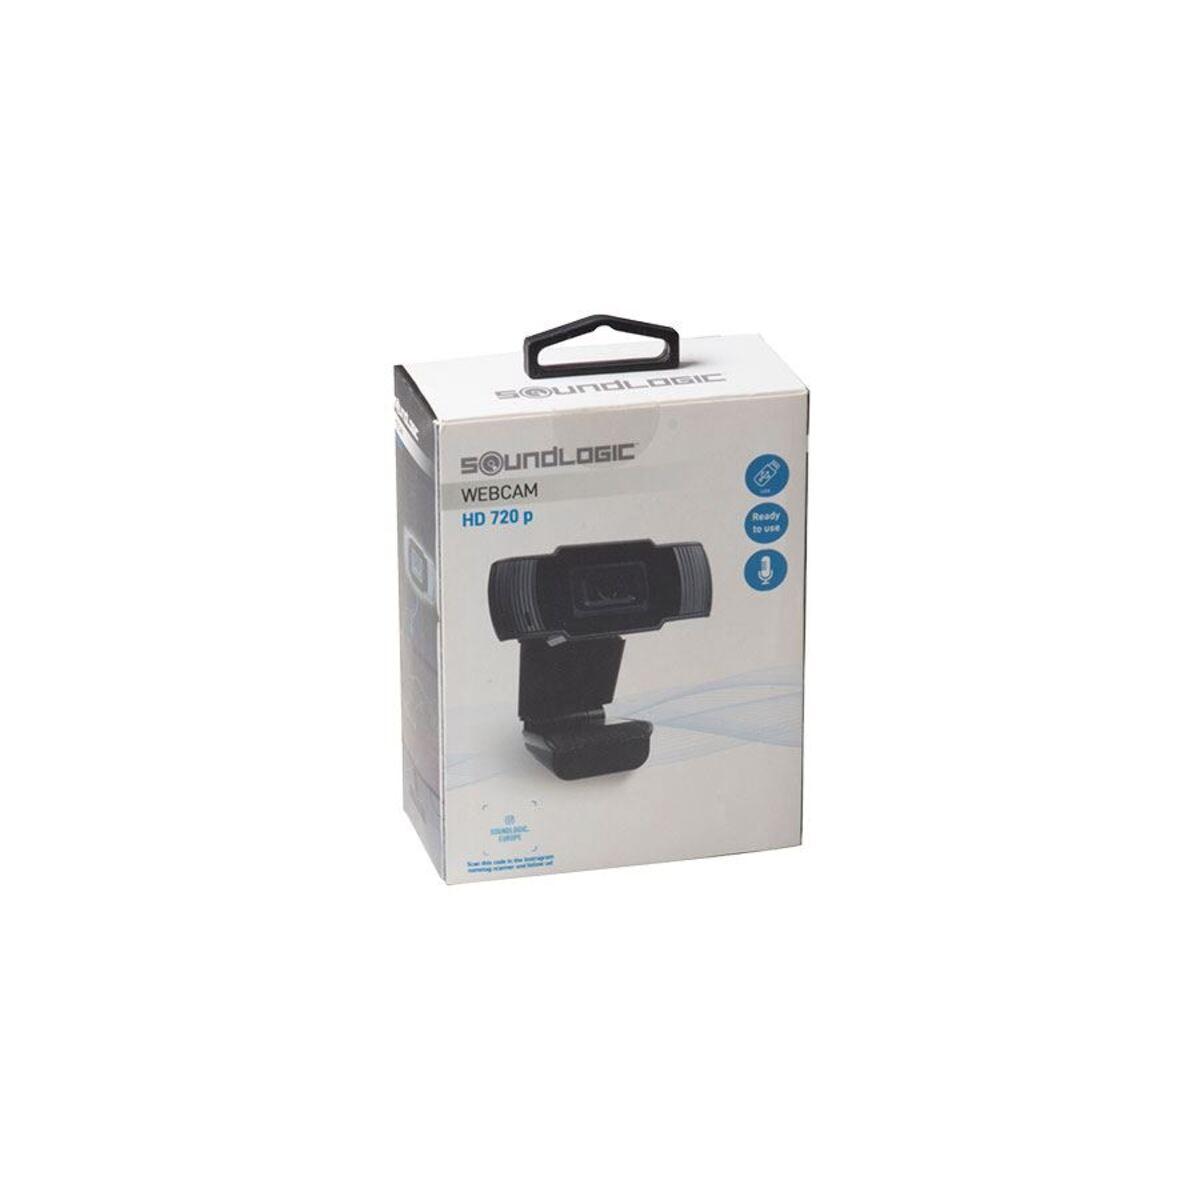 Bild 2 von Soundlogic Webcam mit Mikrofon HD 720p